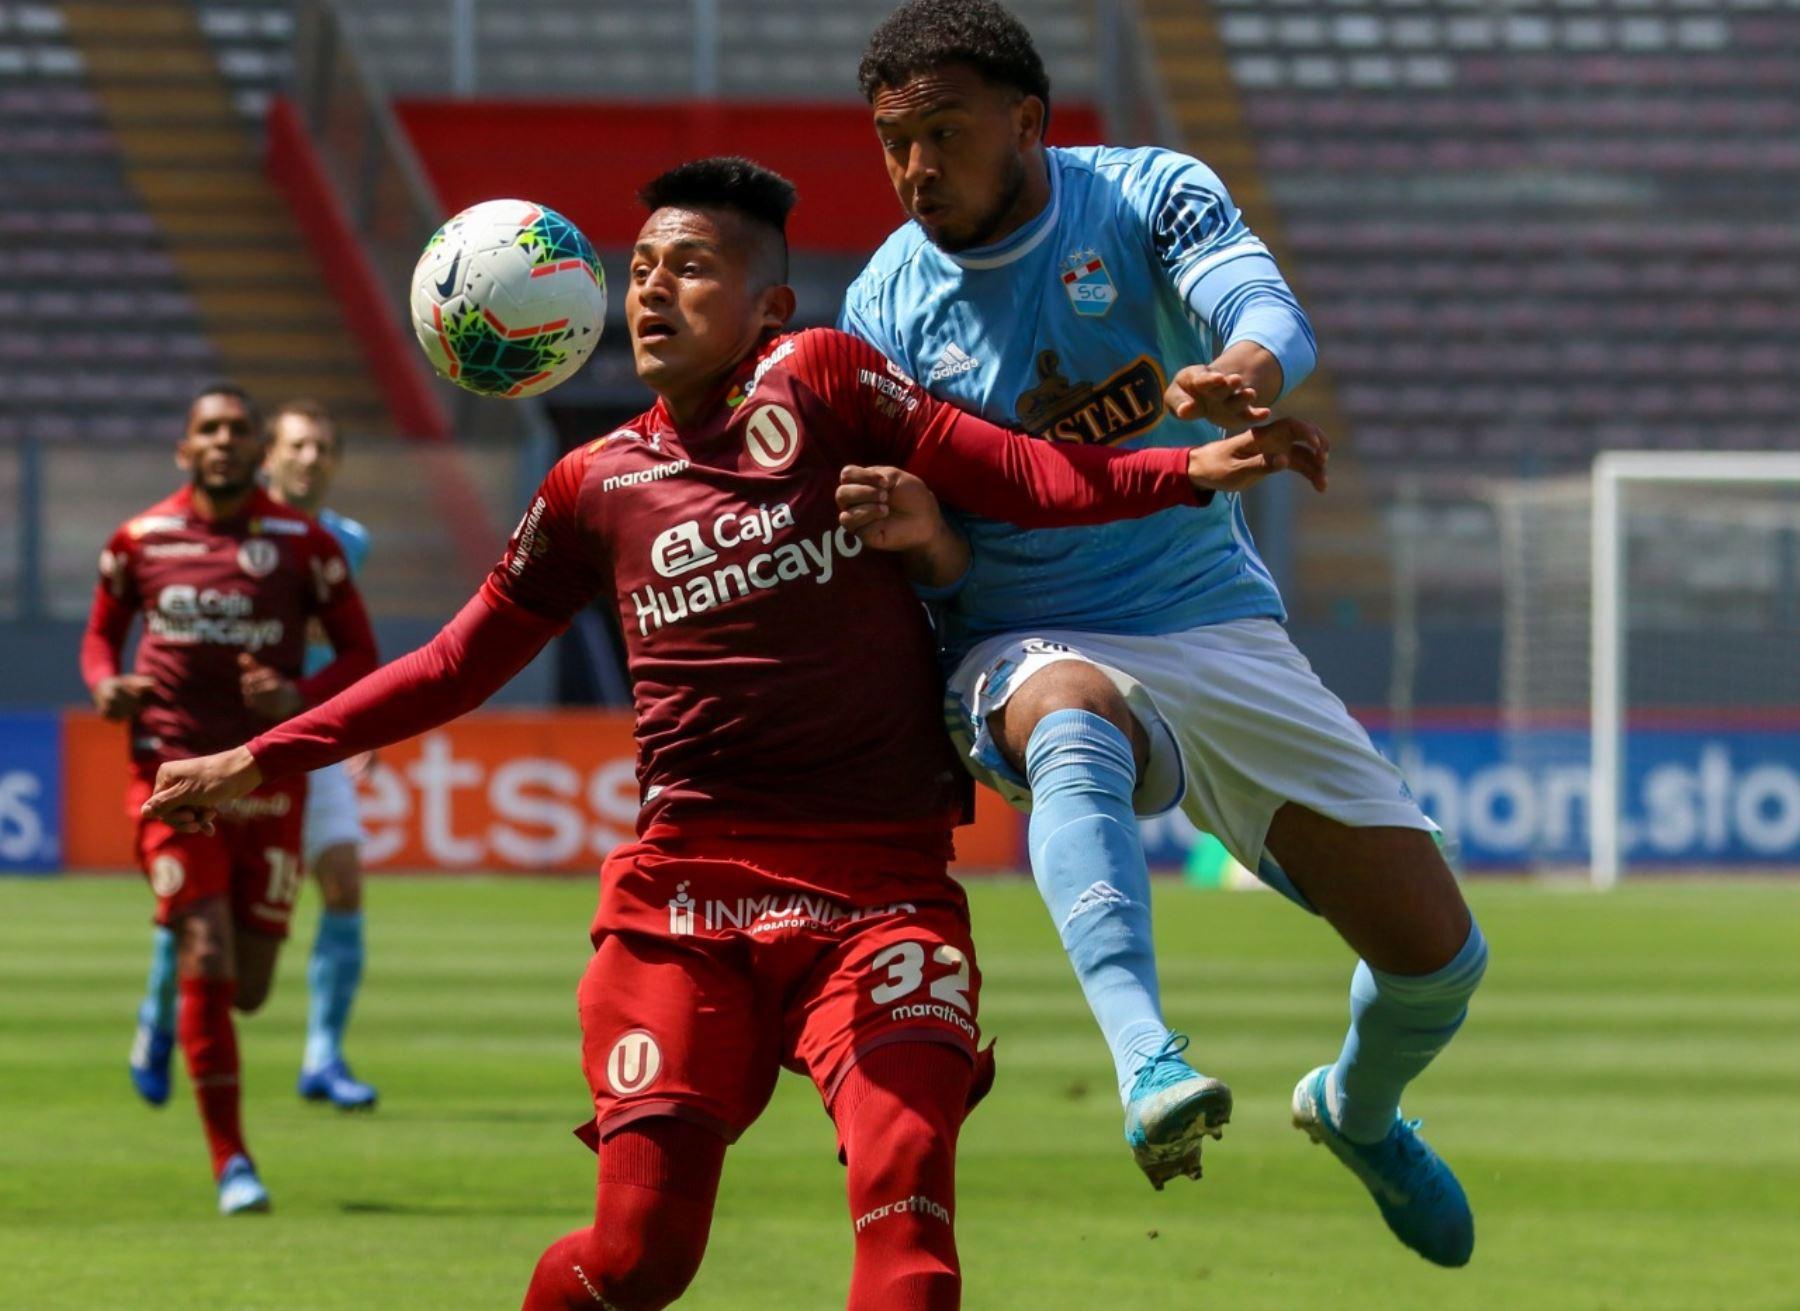 Cristal y Universitario juegan en el Estadio Nacional por la jornada 18